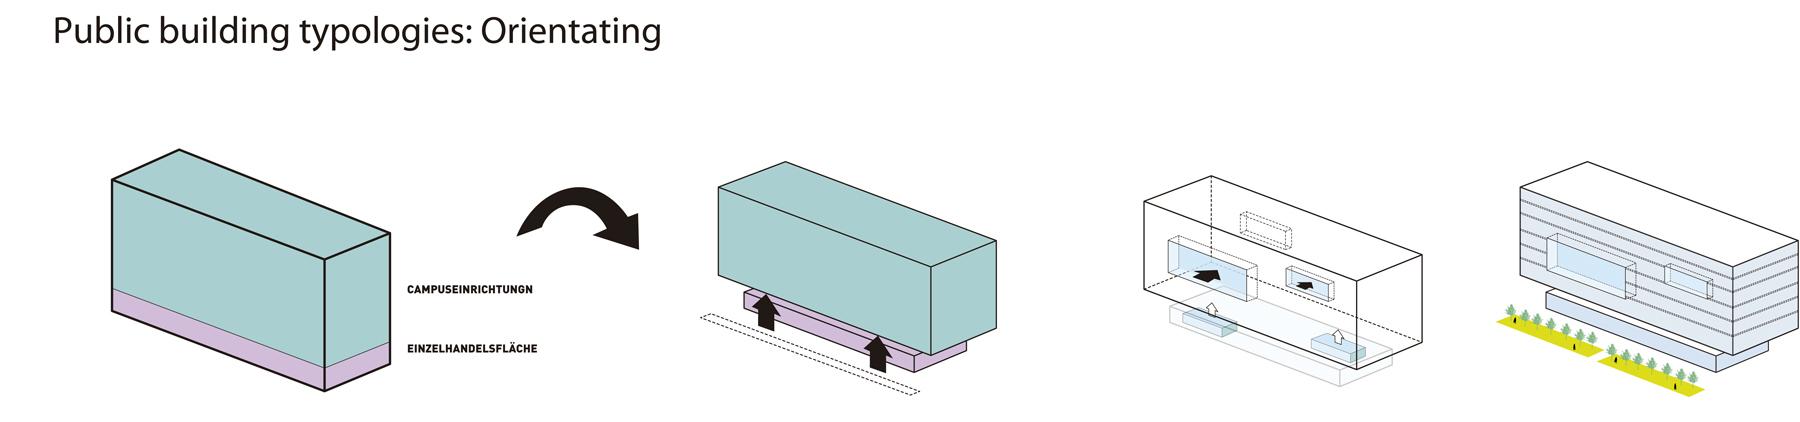 L3_H_DIagrams buildings